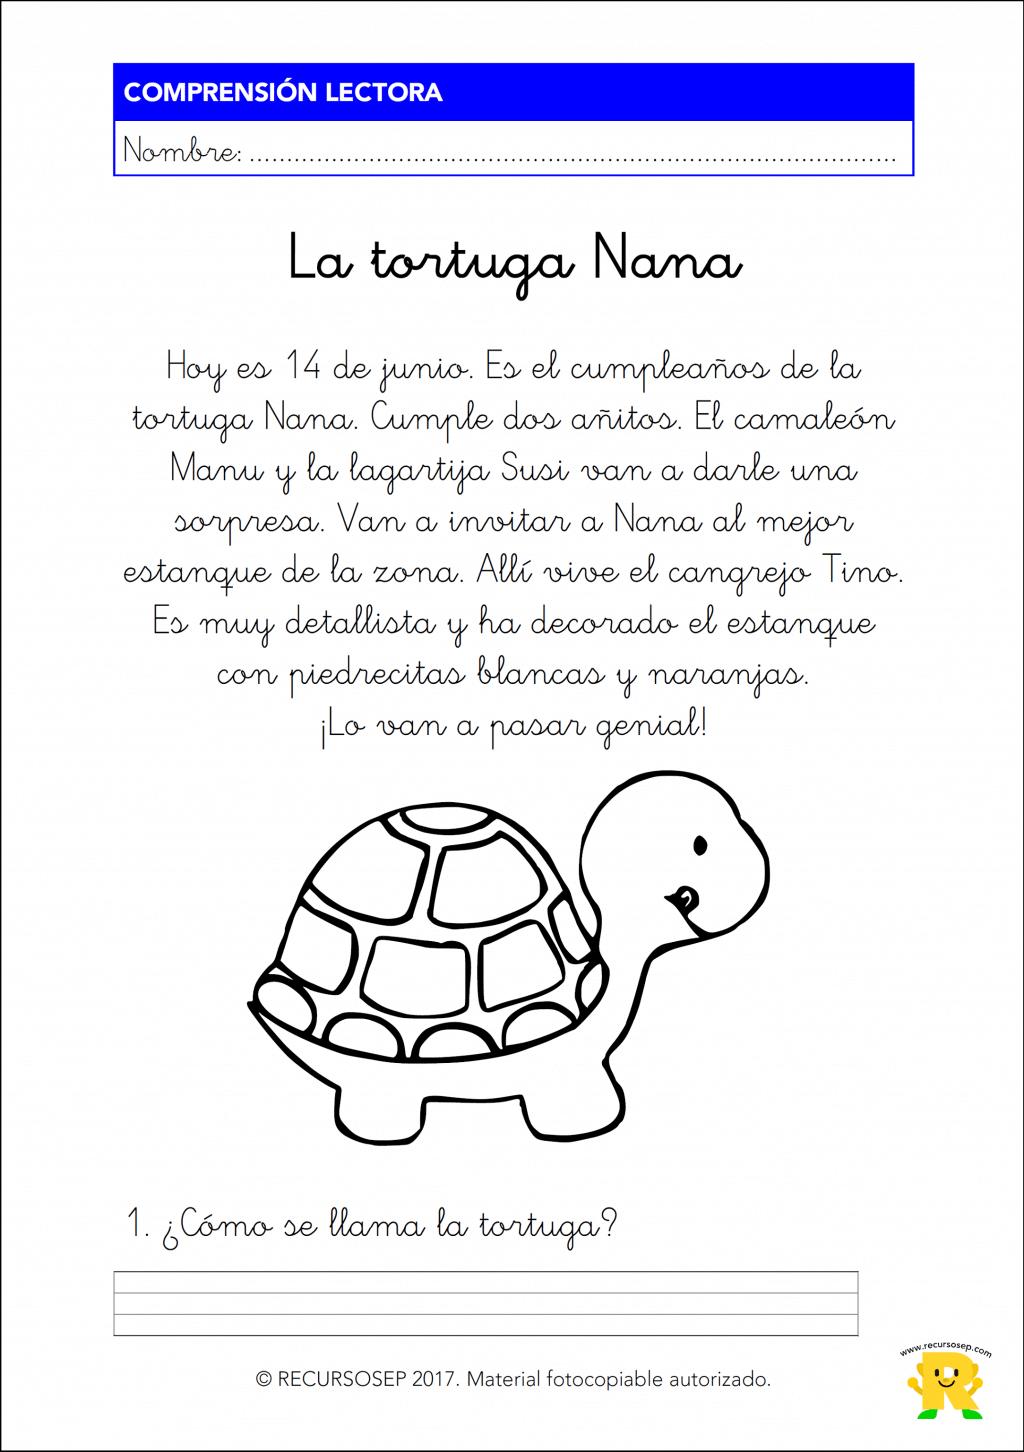 La tortuga nana comprensi n lectora 1 de primaria